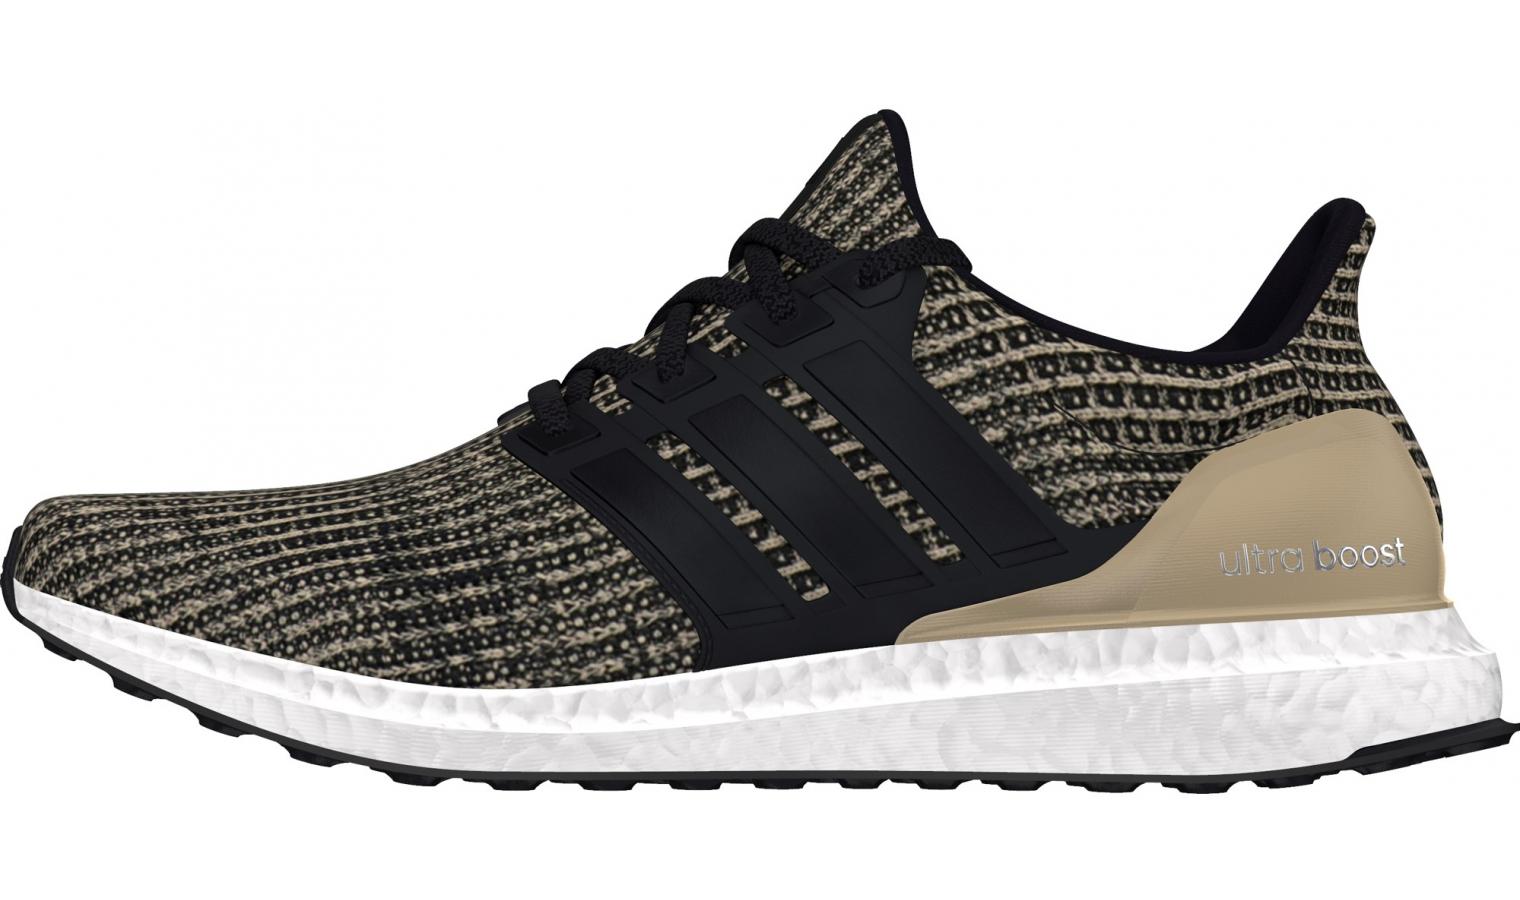 Pánske bežecké topánky adidas ULTRABOOST čierne  40fe24264ef